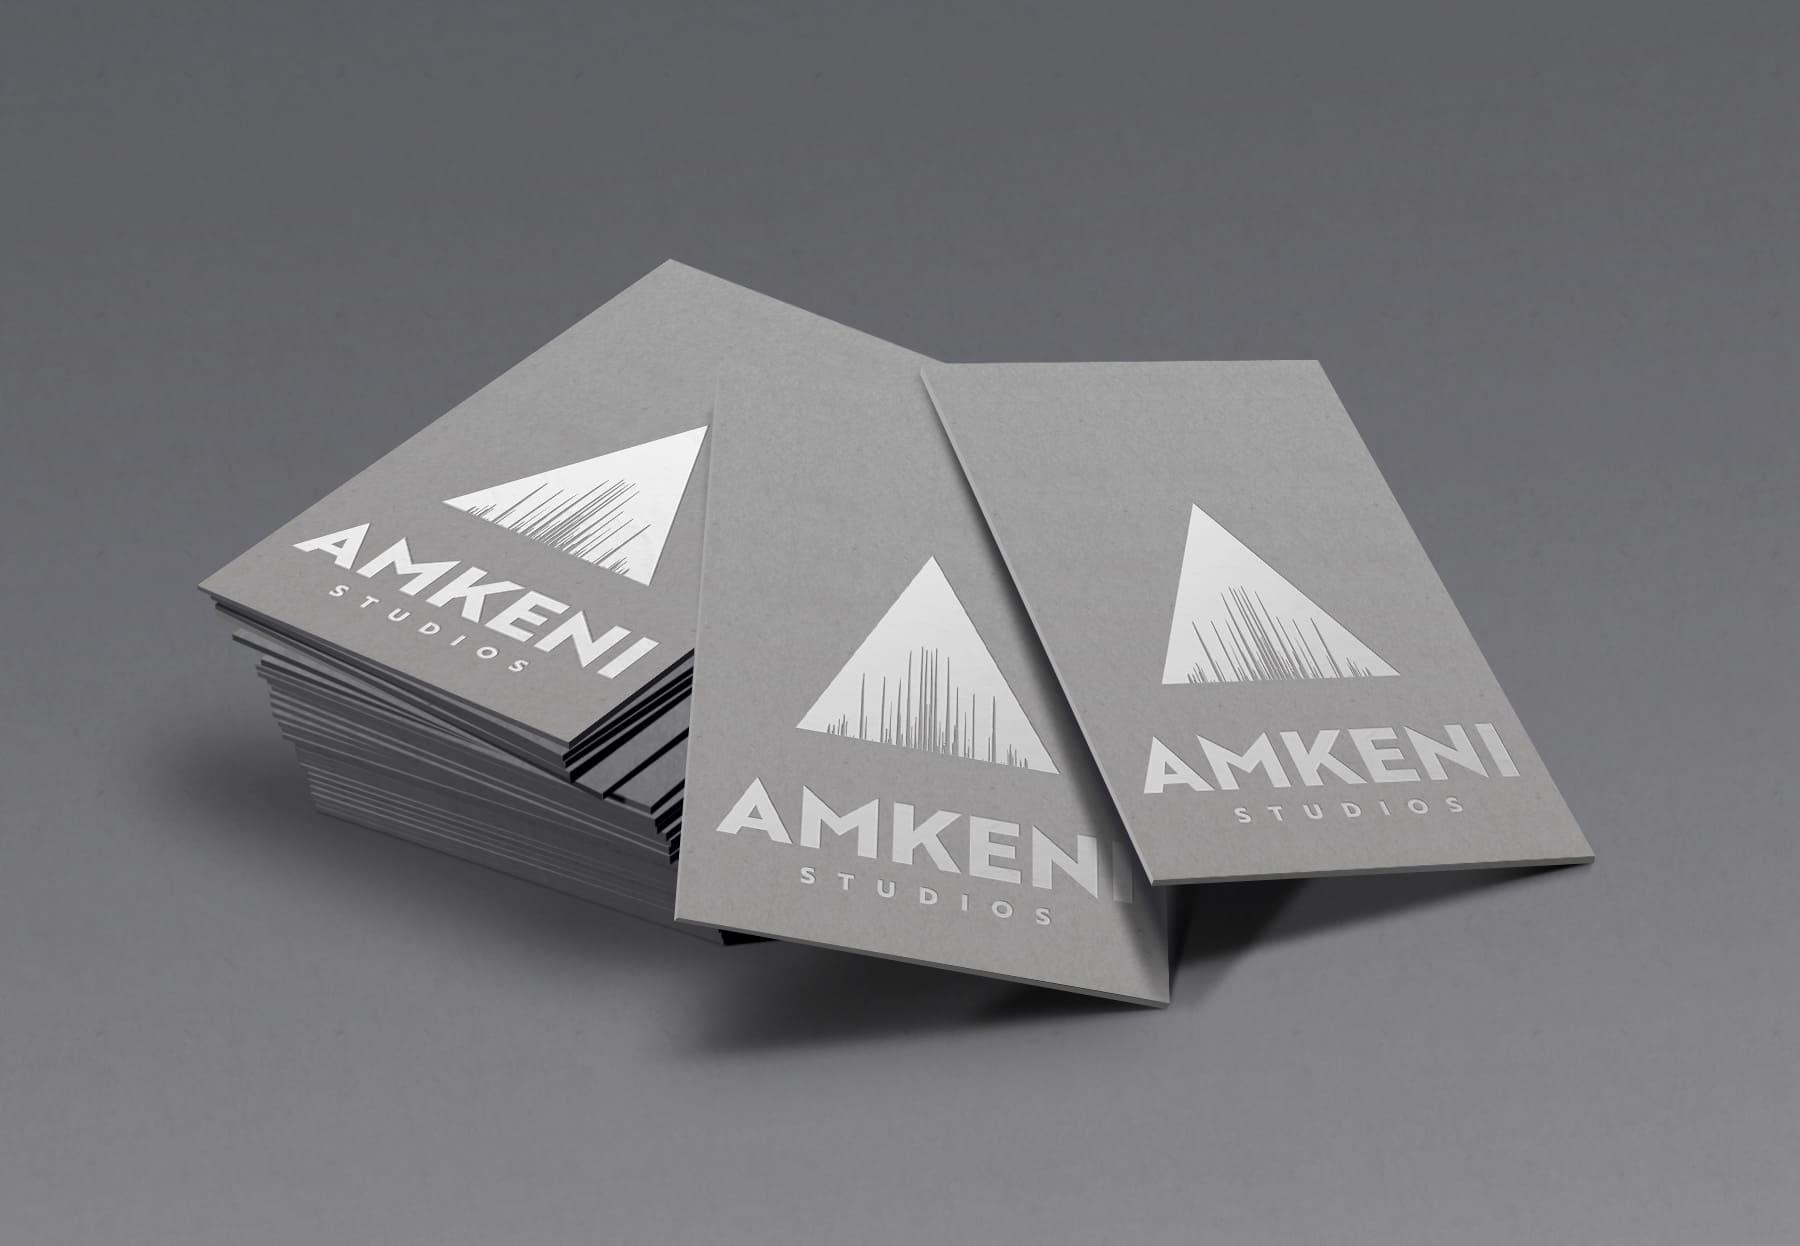 AMKENI_BC1